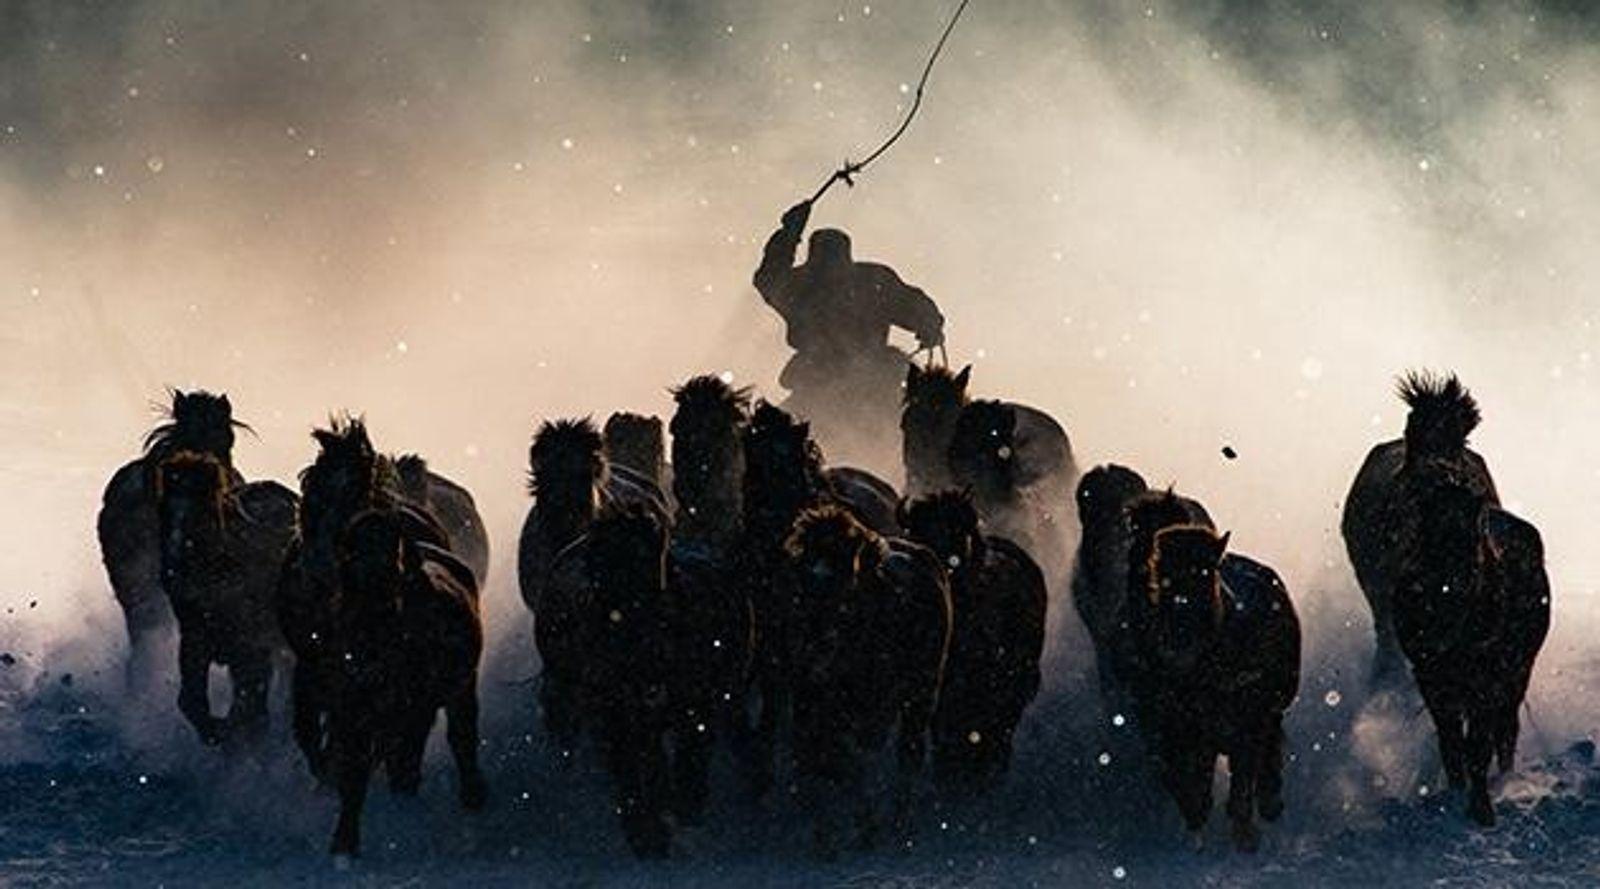 """""""Der Winter in der Inneren Mongolei ist gnadenlos. Bei einer Temperatur von minus 20 Grad und ..."""